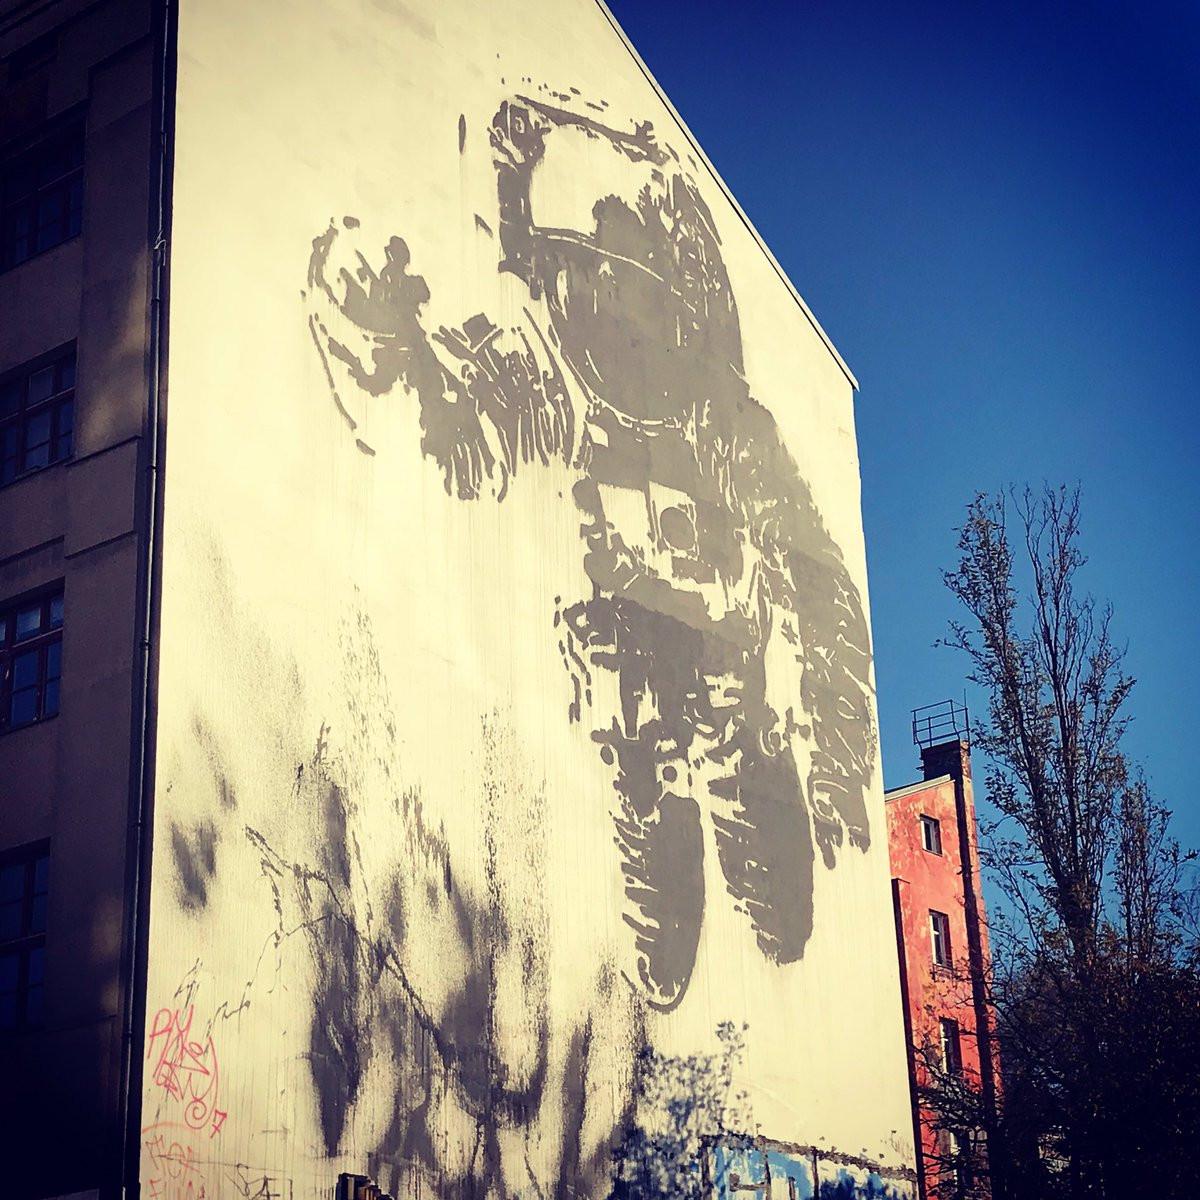 Böse Monster Ausmalbilder Inspirierend Wowplaces Travelblog Wowplacesde Galerie